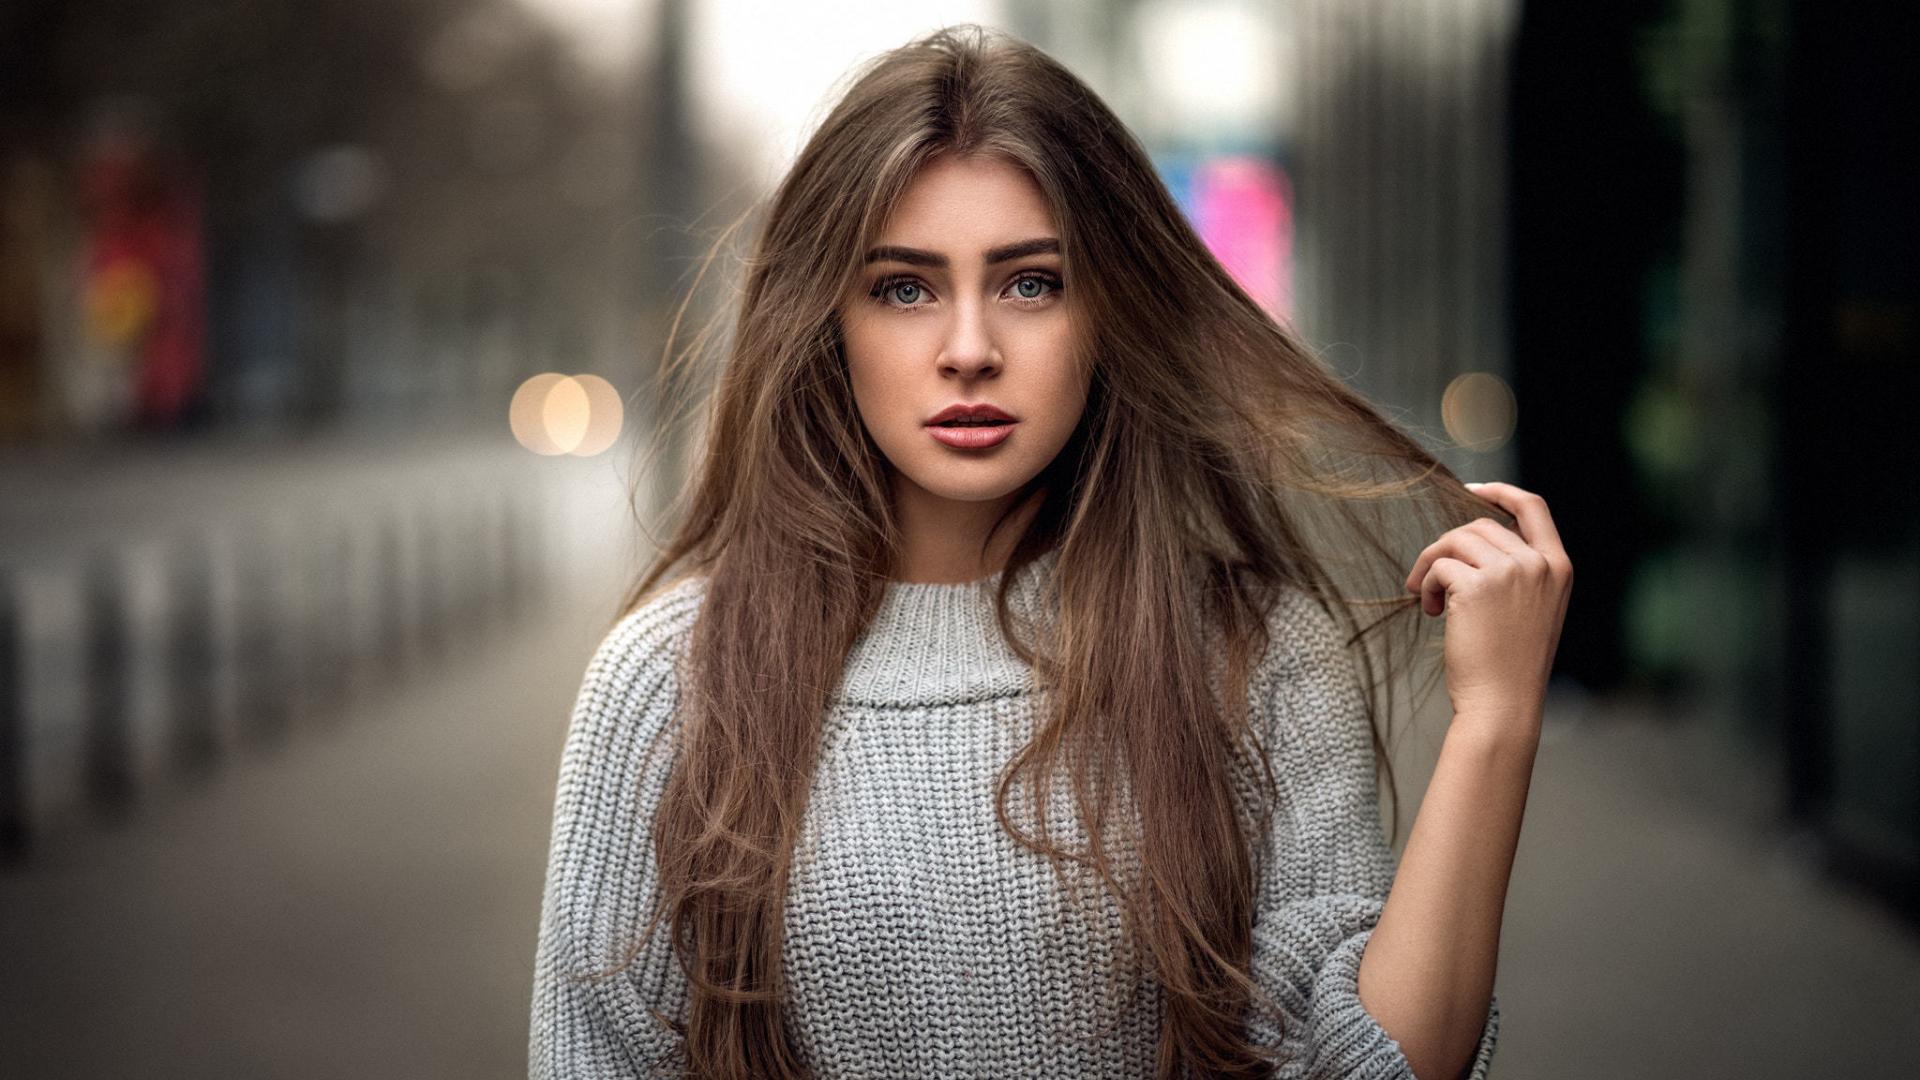 Download Hot girl model, beautiful wallpaper, 1080x1920